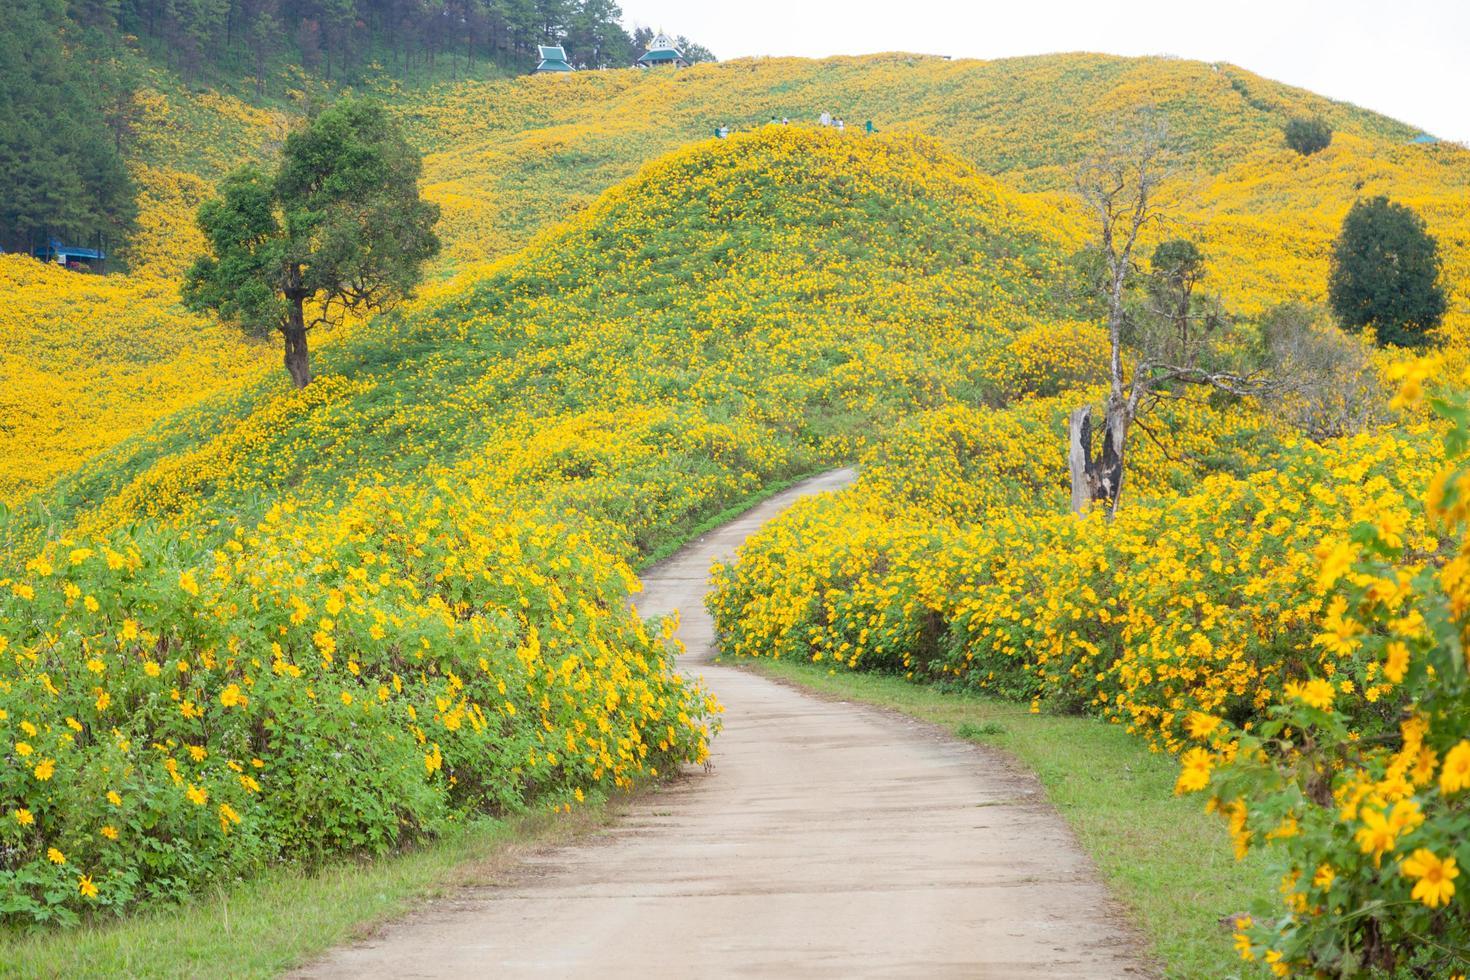 strada tra i campi di fiori foto